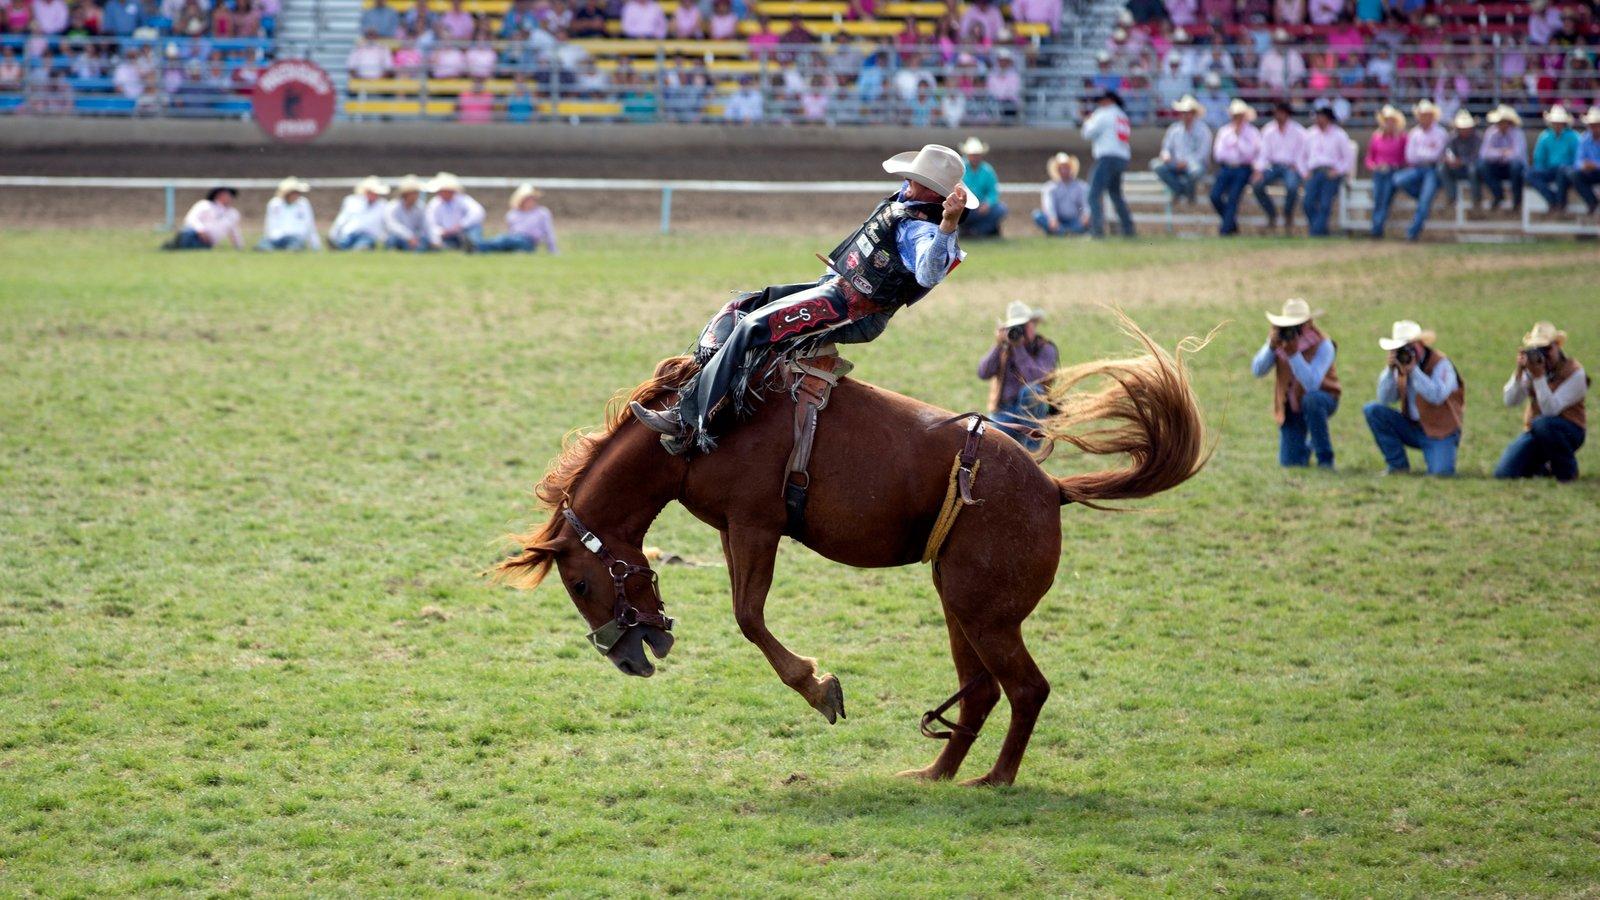 Pendleton que incluye animales terrestres y un evento deportivo